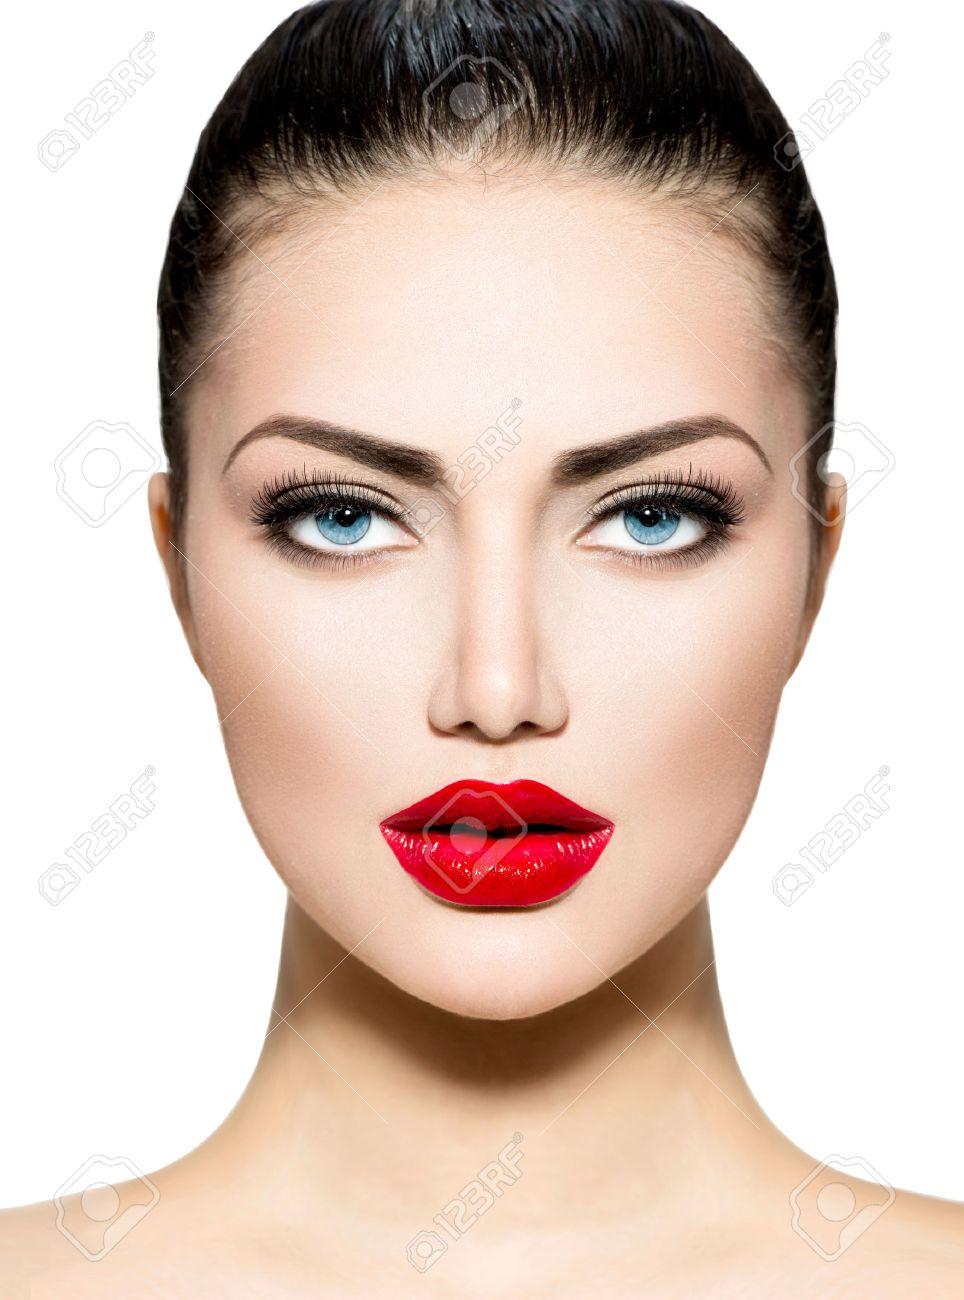 Brune Aux Yeux Bleus portrait de beauté maquillage professionnel pour brune aux yeux